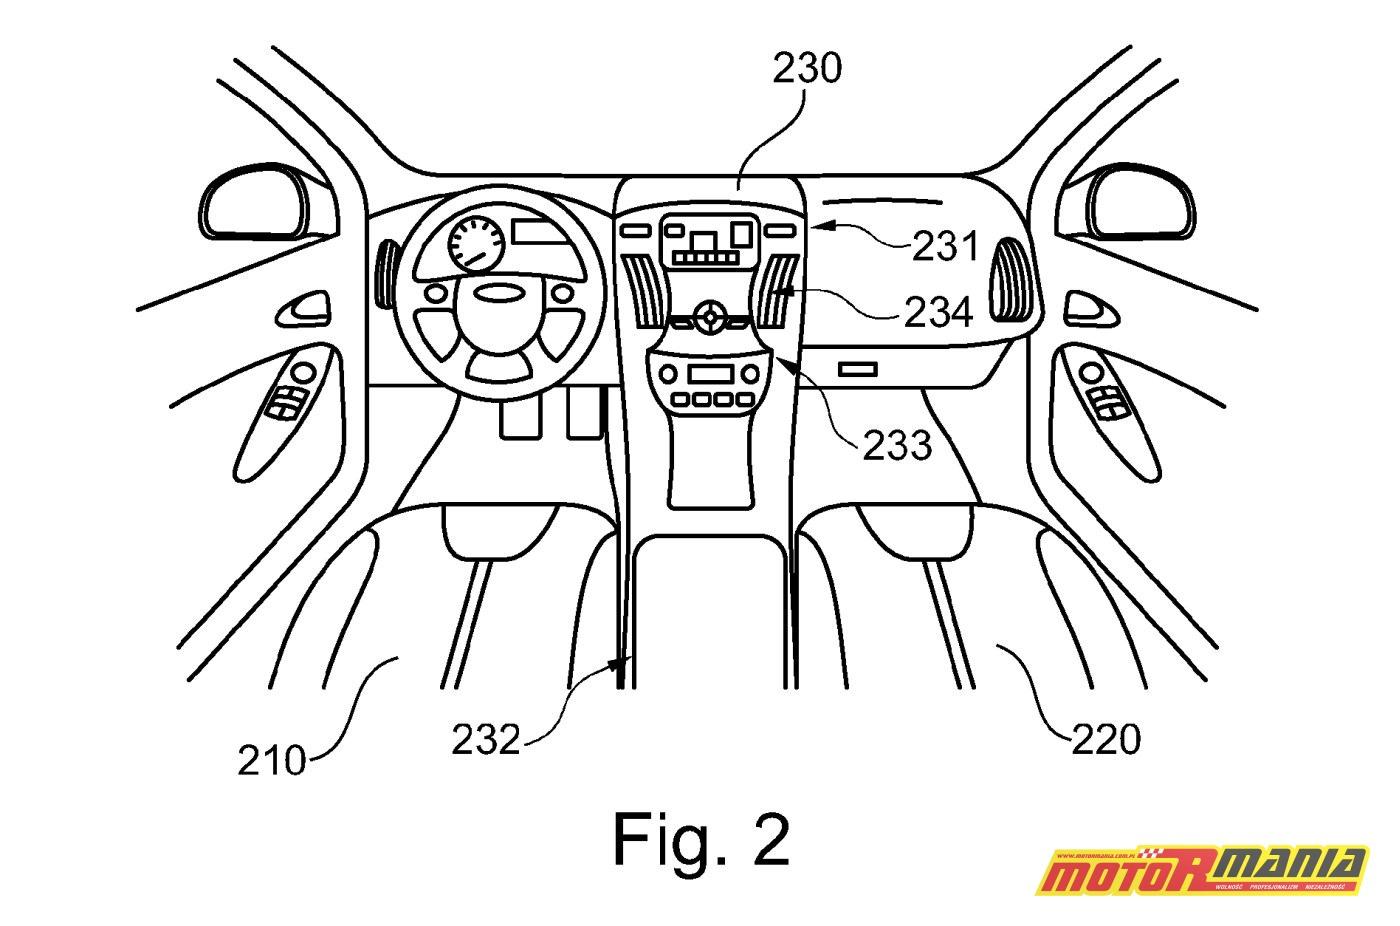 Ford motocykl samochód patent (4)